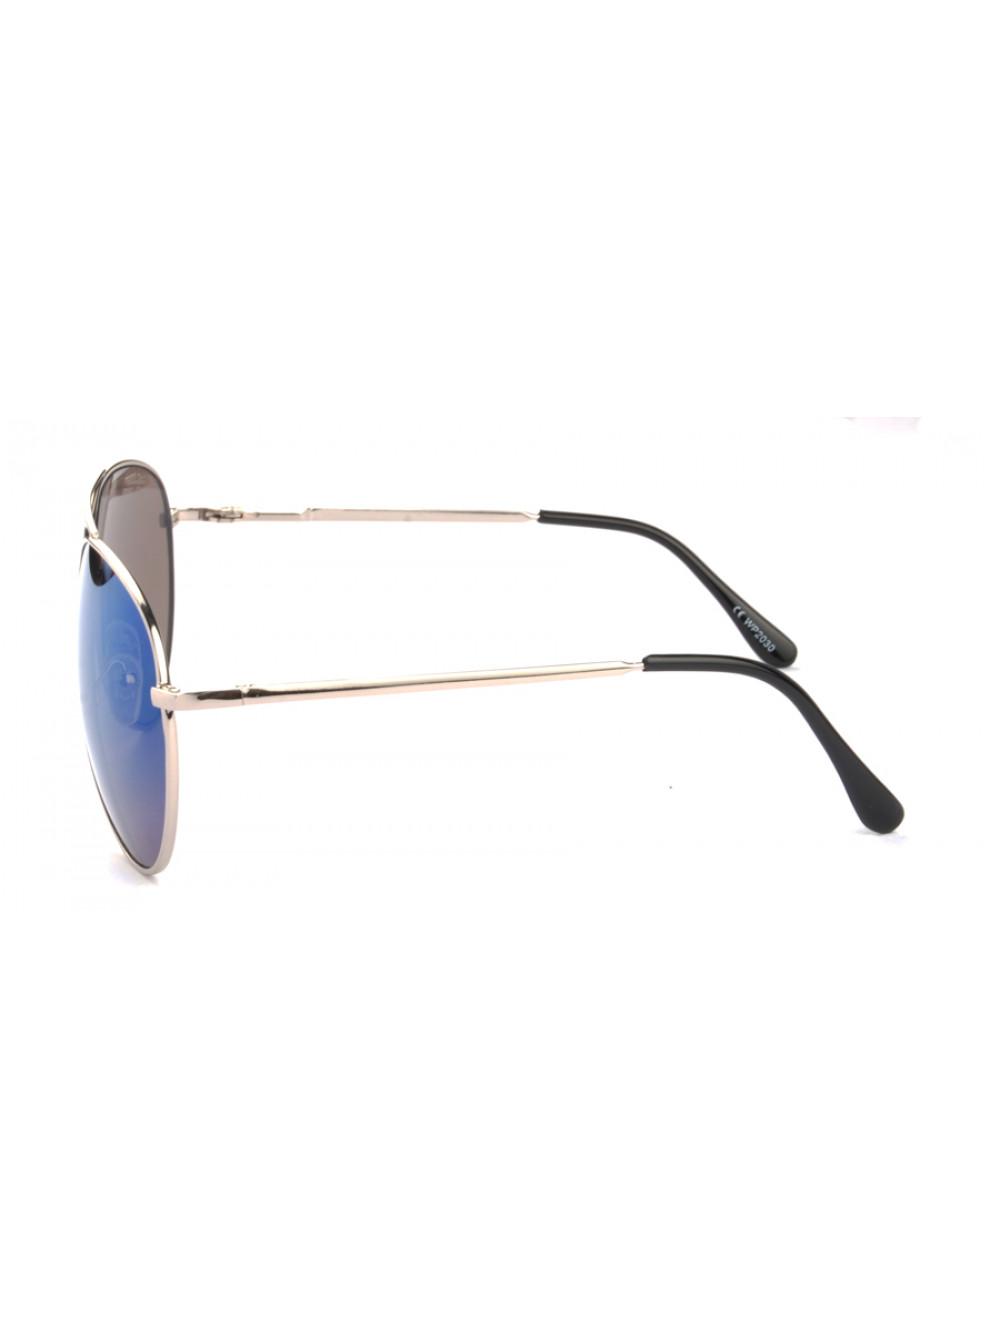 8fa6e06e7 Slnečné okuliare Aviator Pilot Big Blue